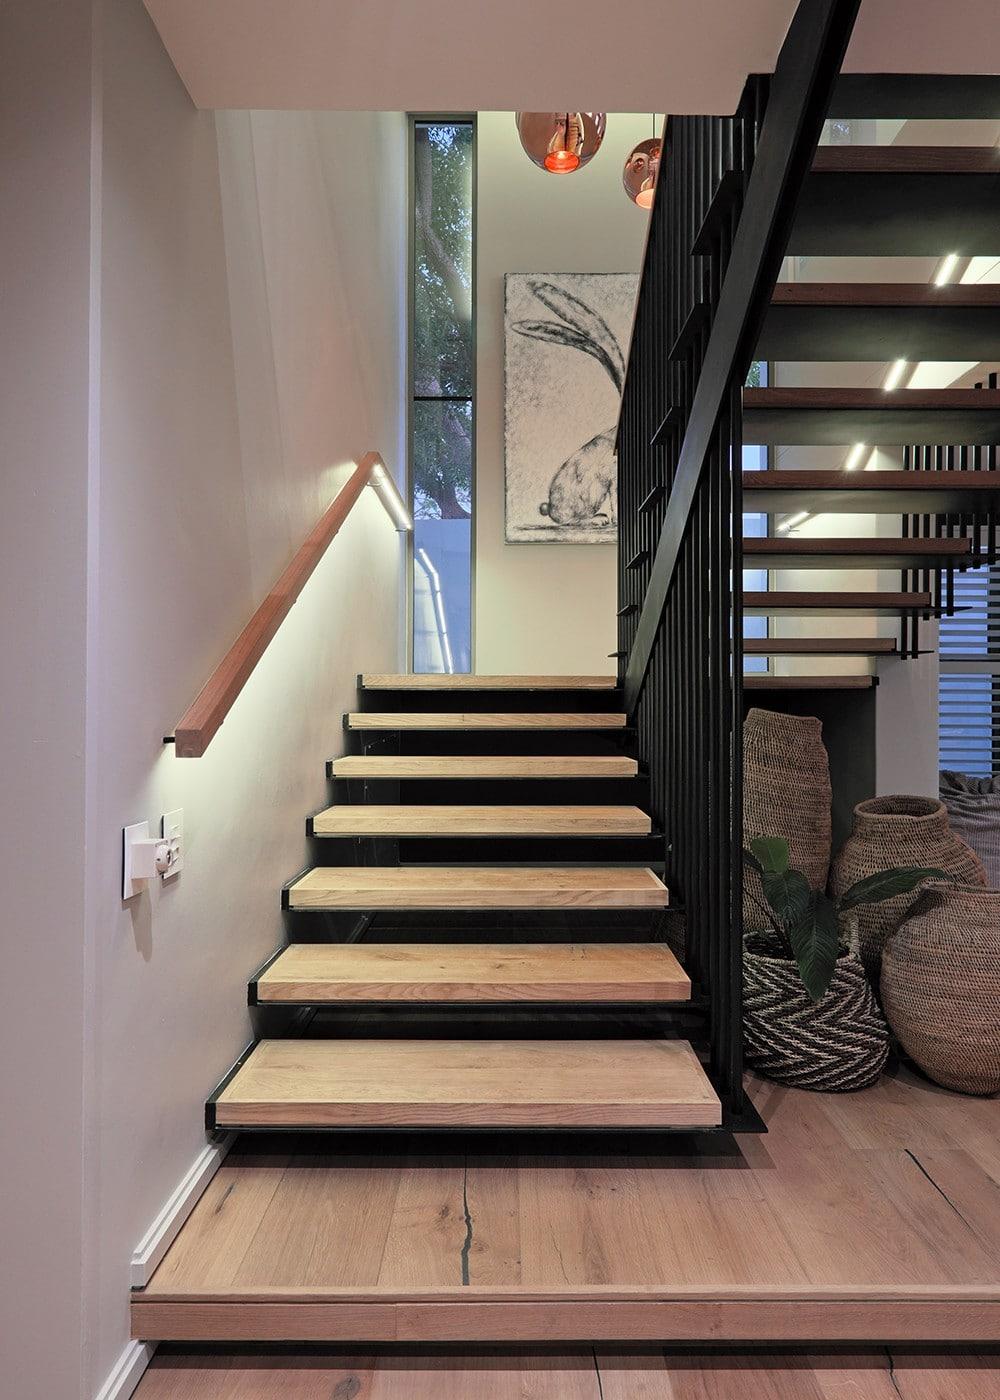 wood flooring stairs